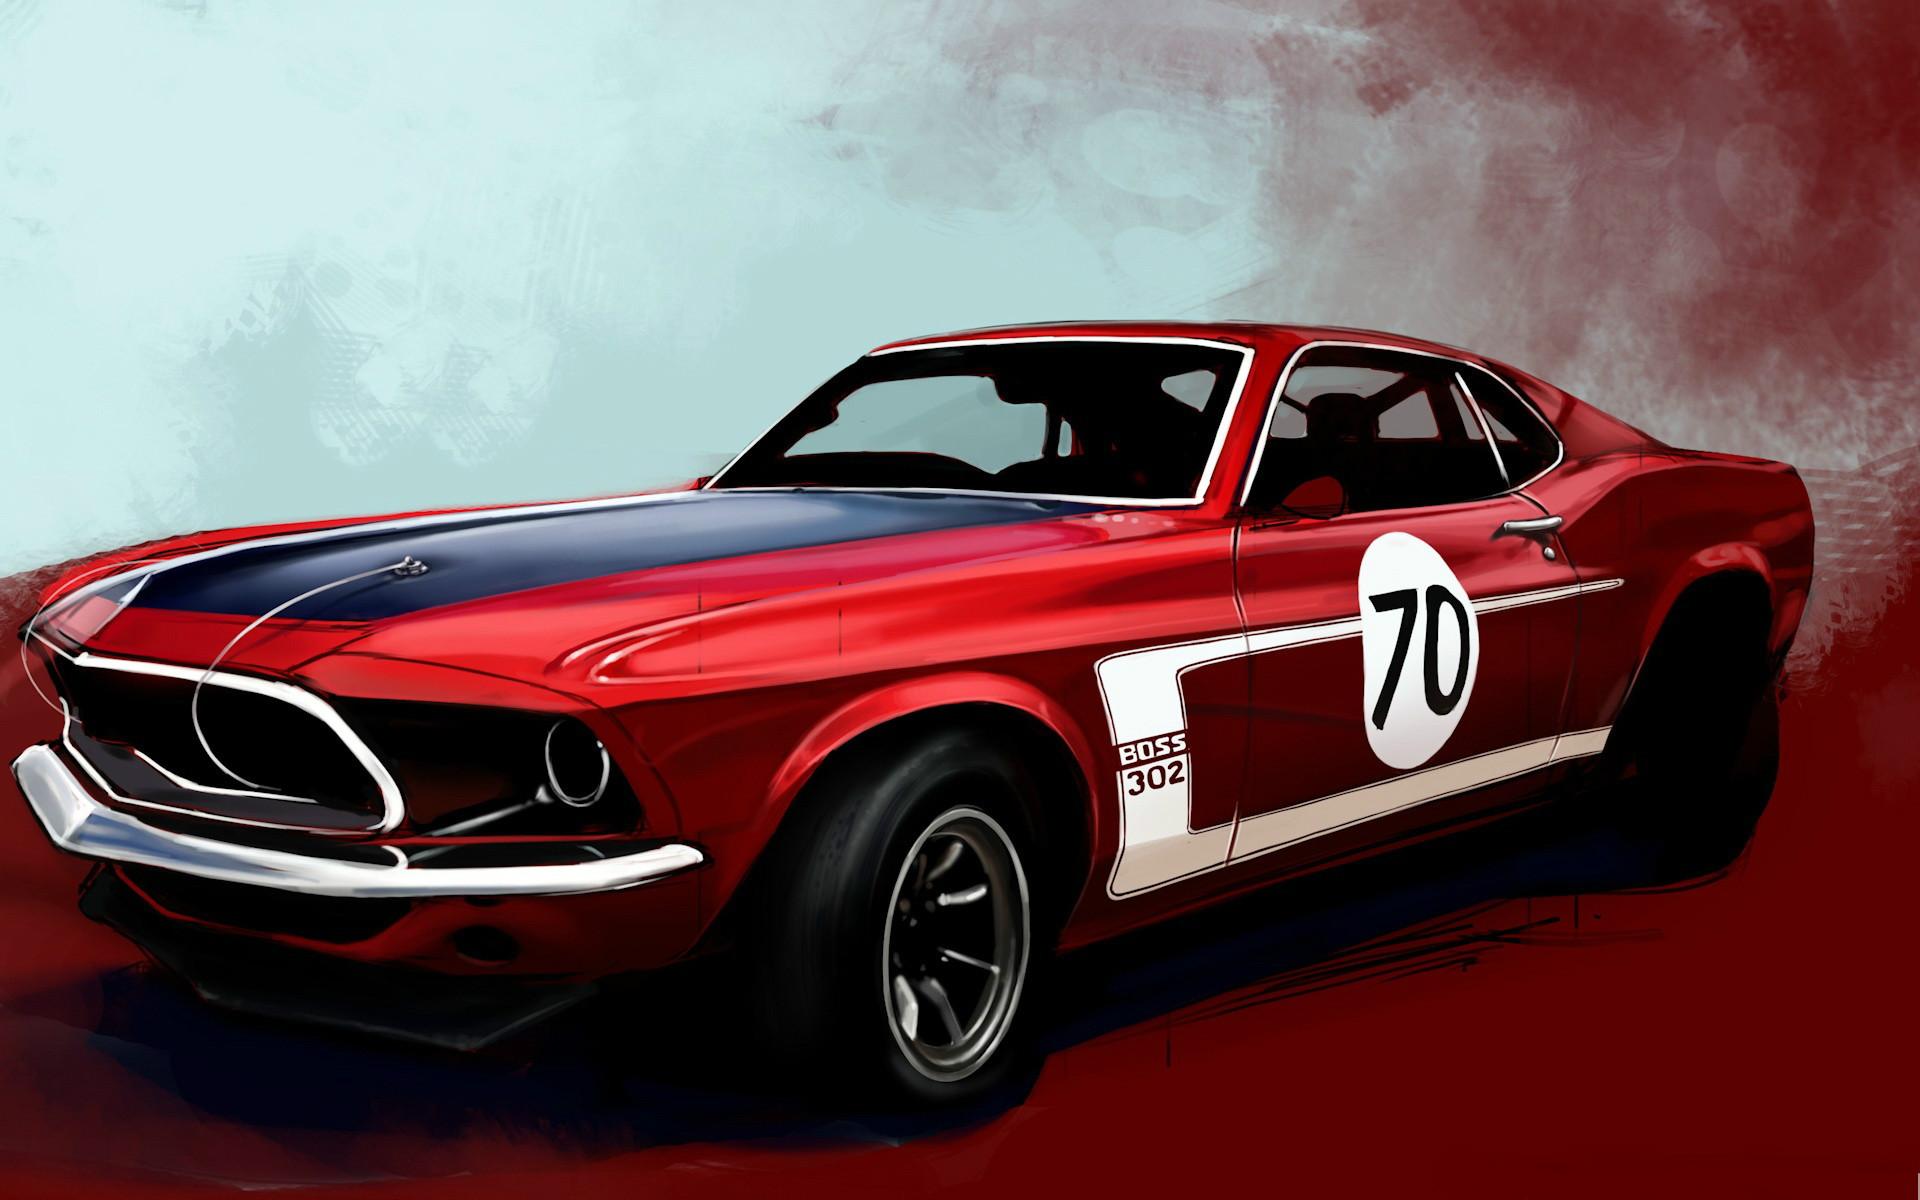 Classic Ford Mustang Wallpaper Wallpapersafari